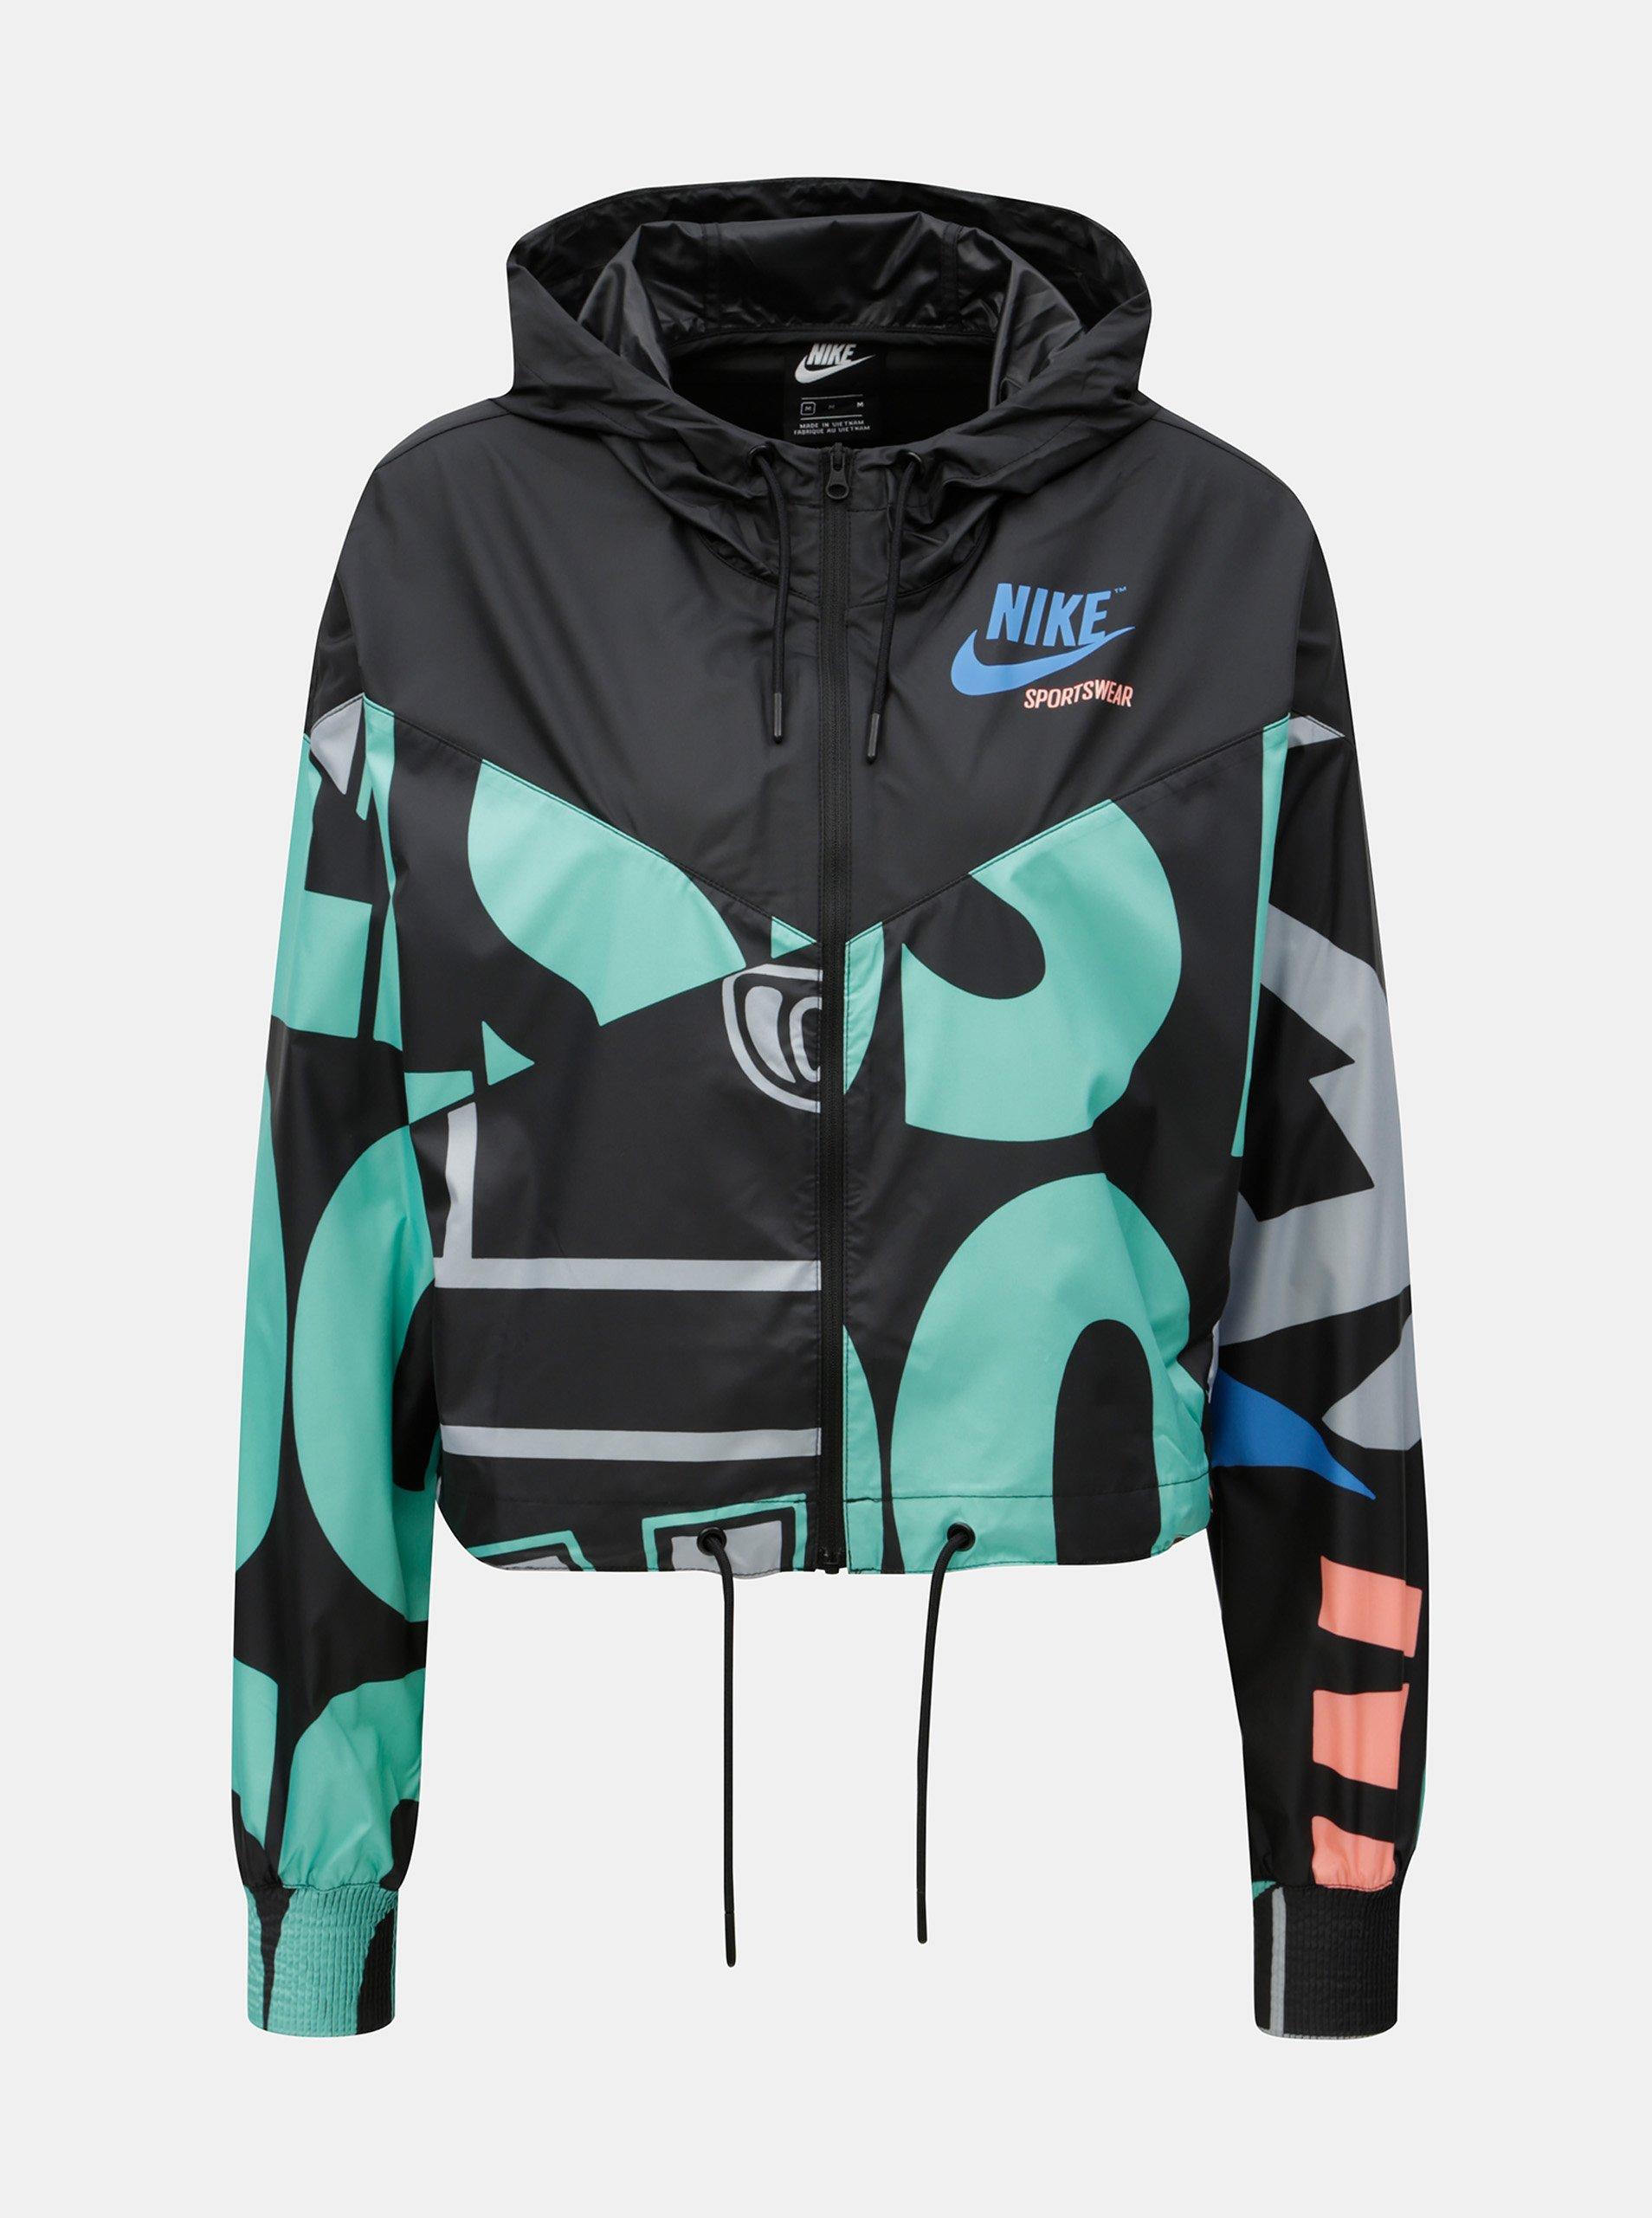 Zeleno-čierna dámska krátka vzorovaná bunda Nike 6852a4fa8d2